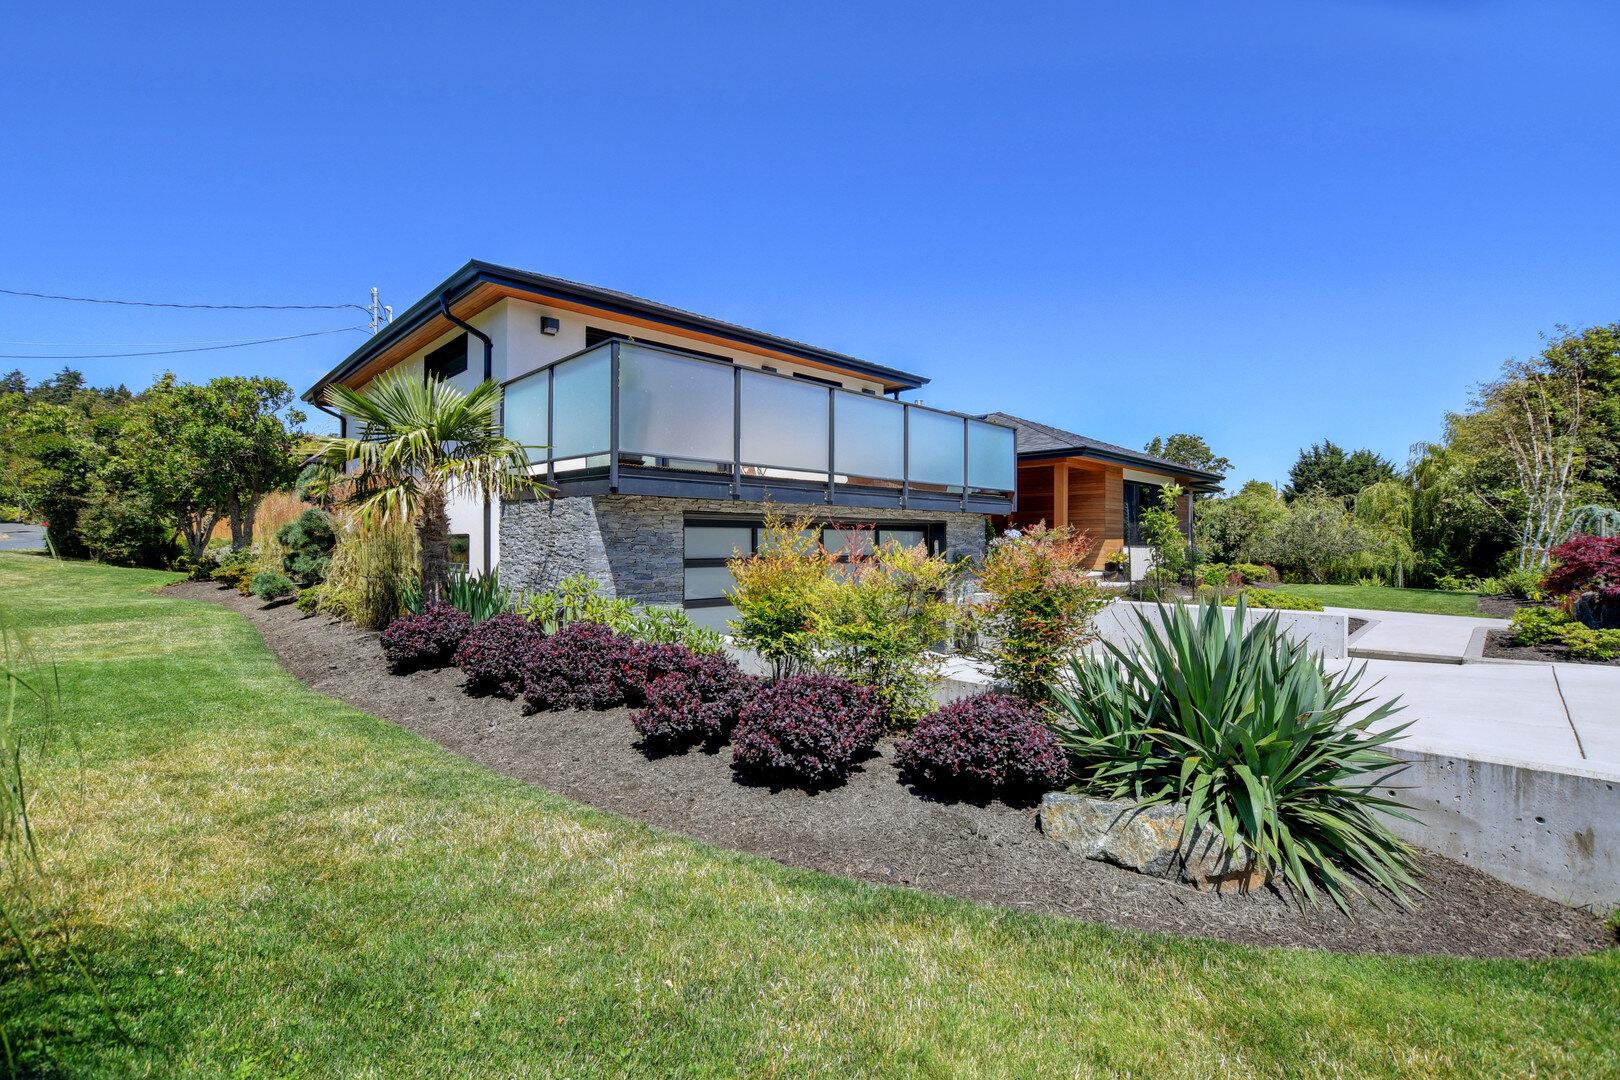 West Coast Living Mustang Landscape Design